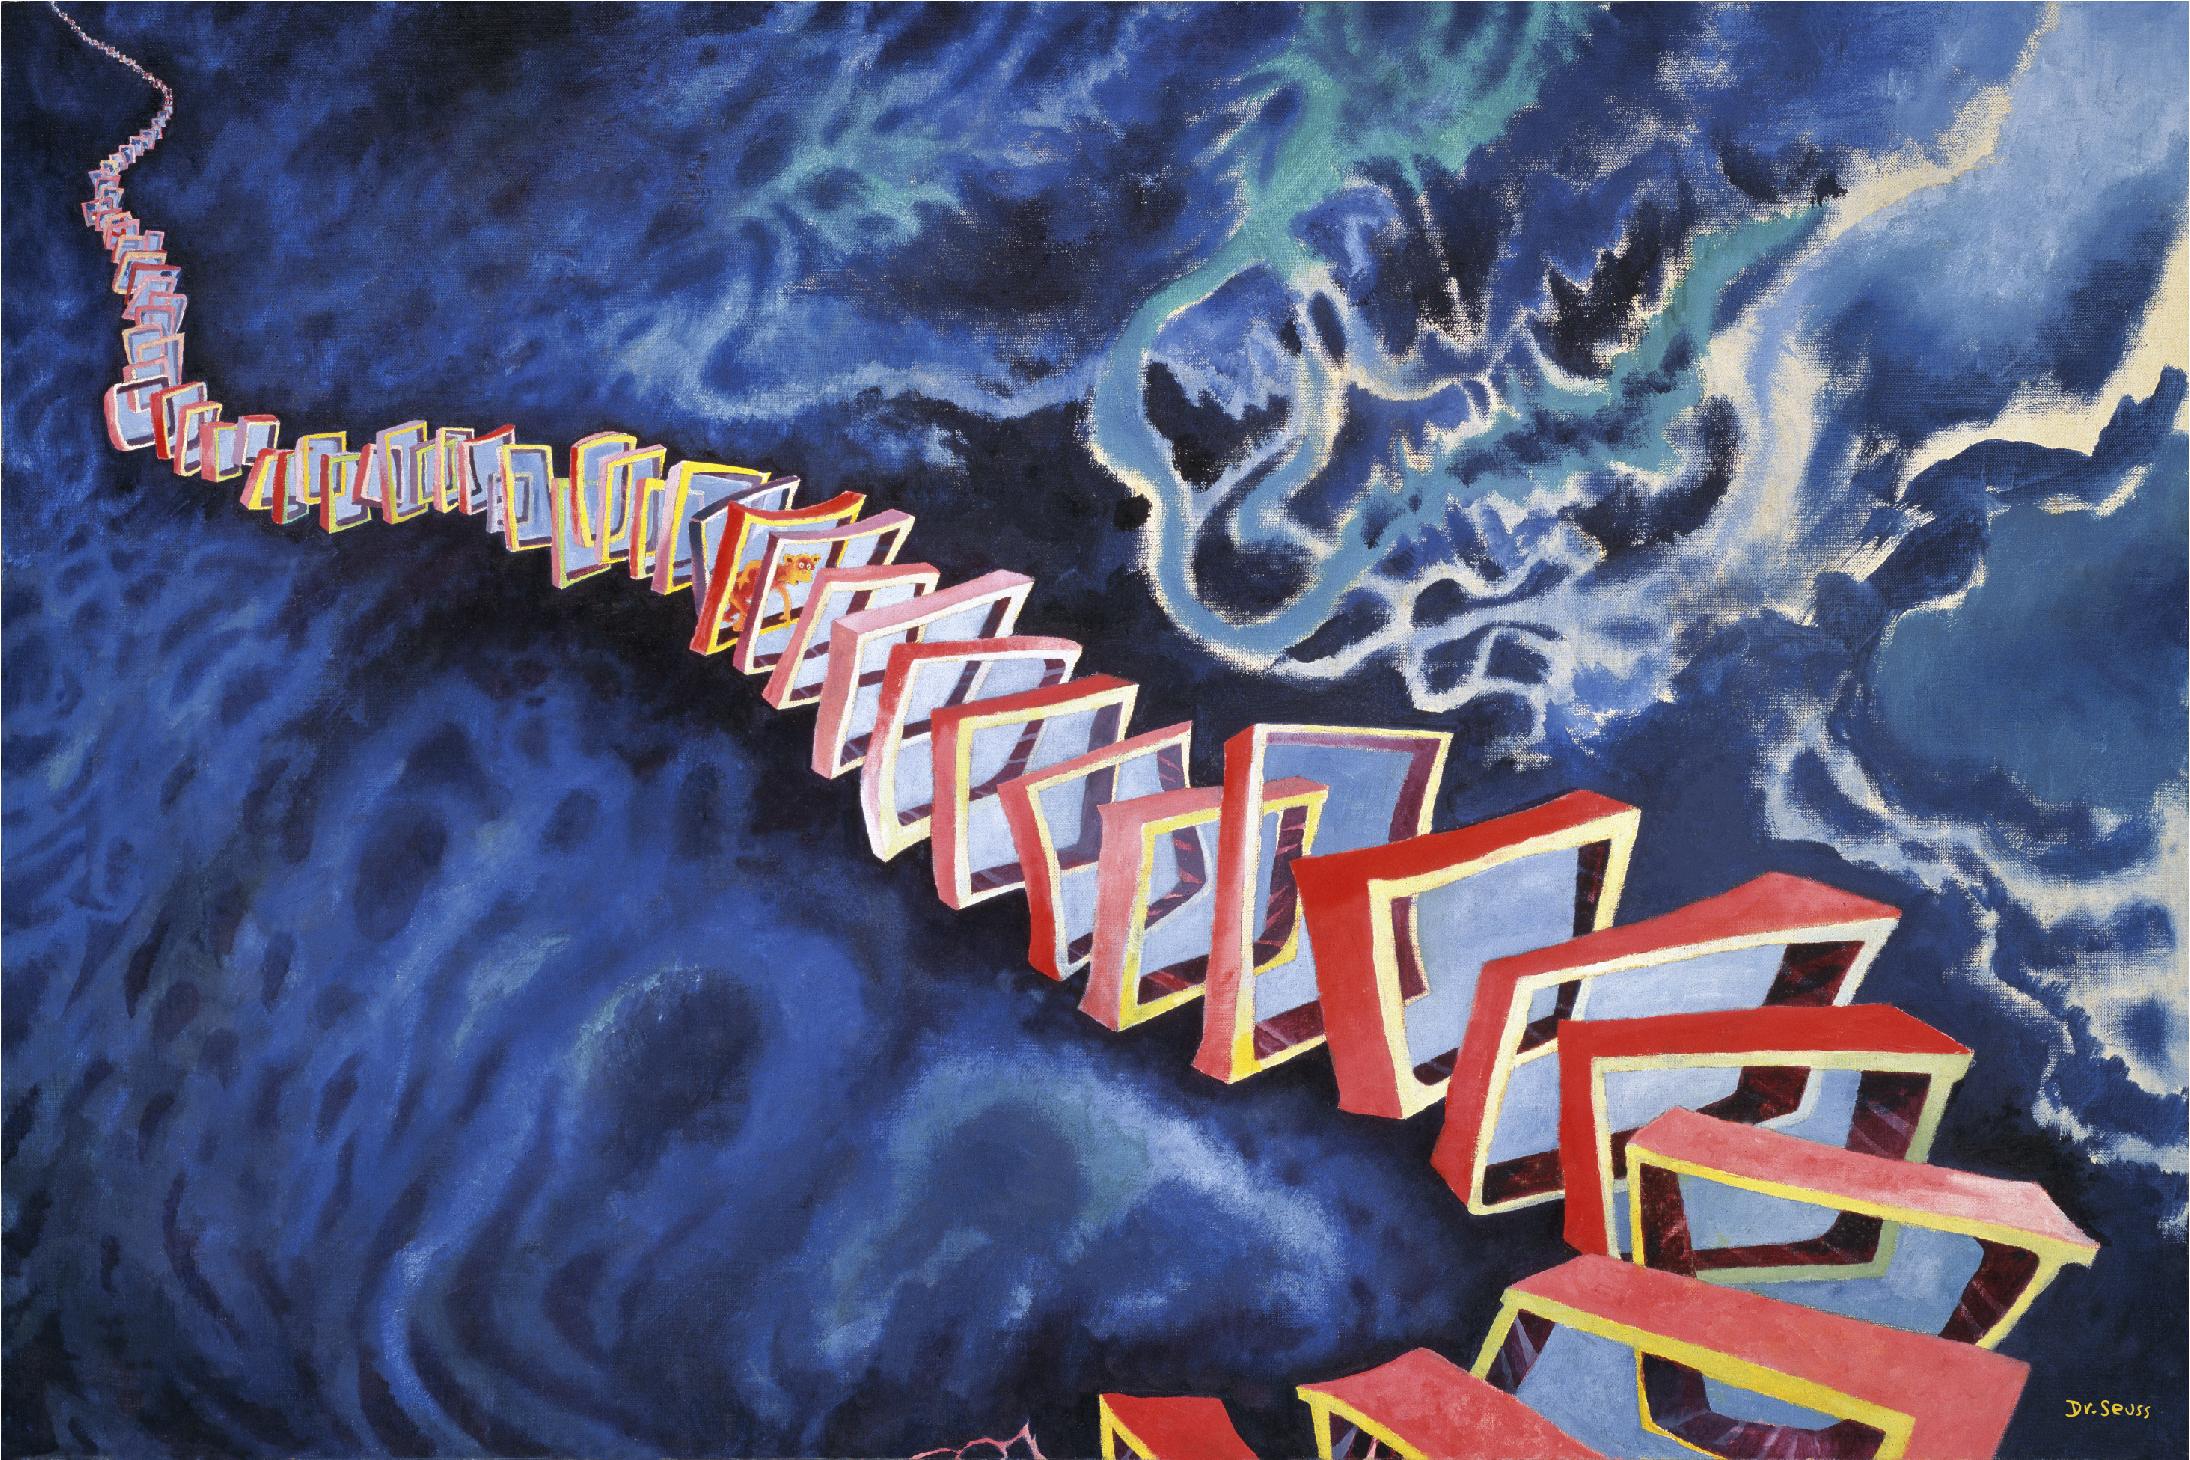 I DREAMED I WAS A DOORMAN AT THE HOTEL DEL CORONADO-Dr.Sejss Art Print On Canvas